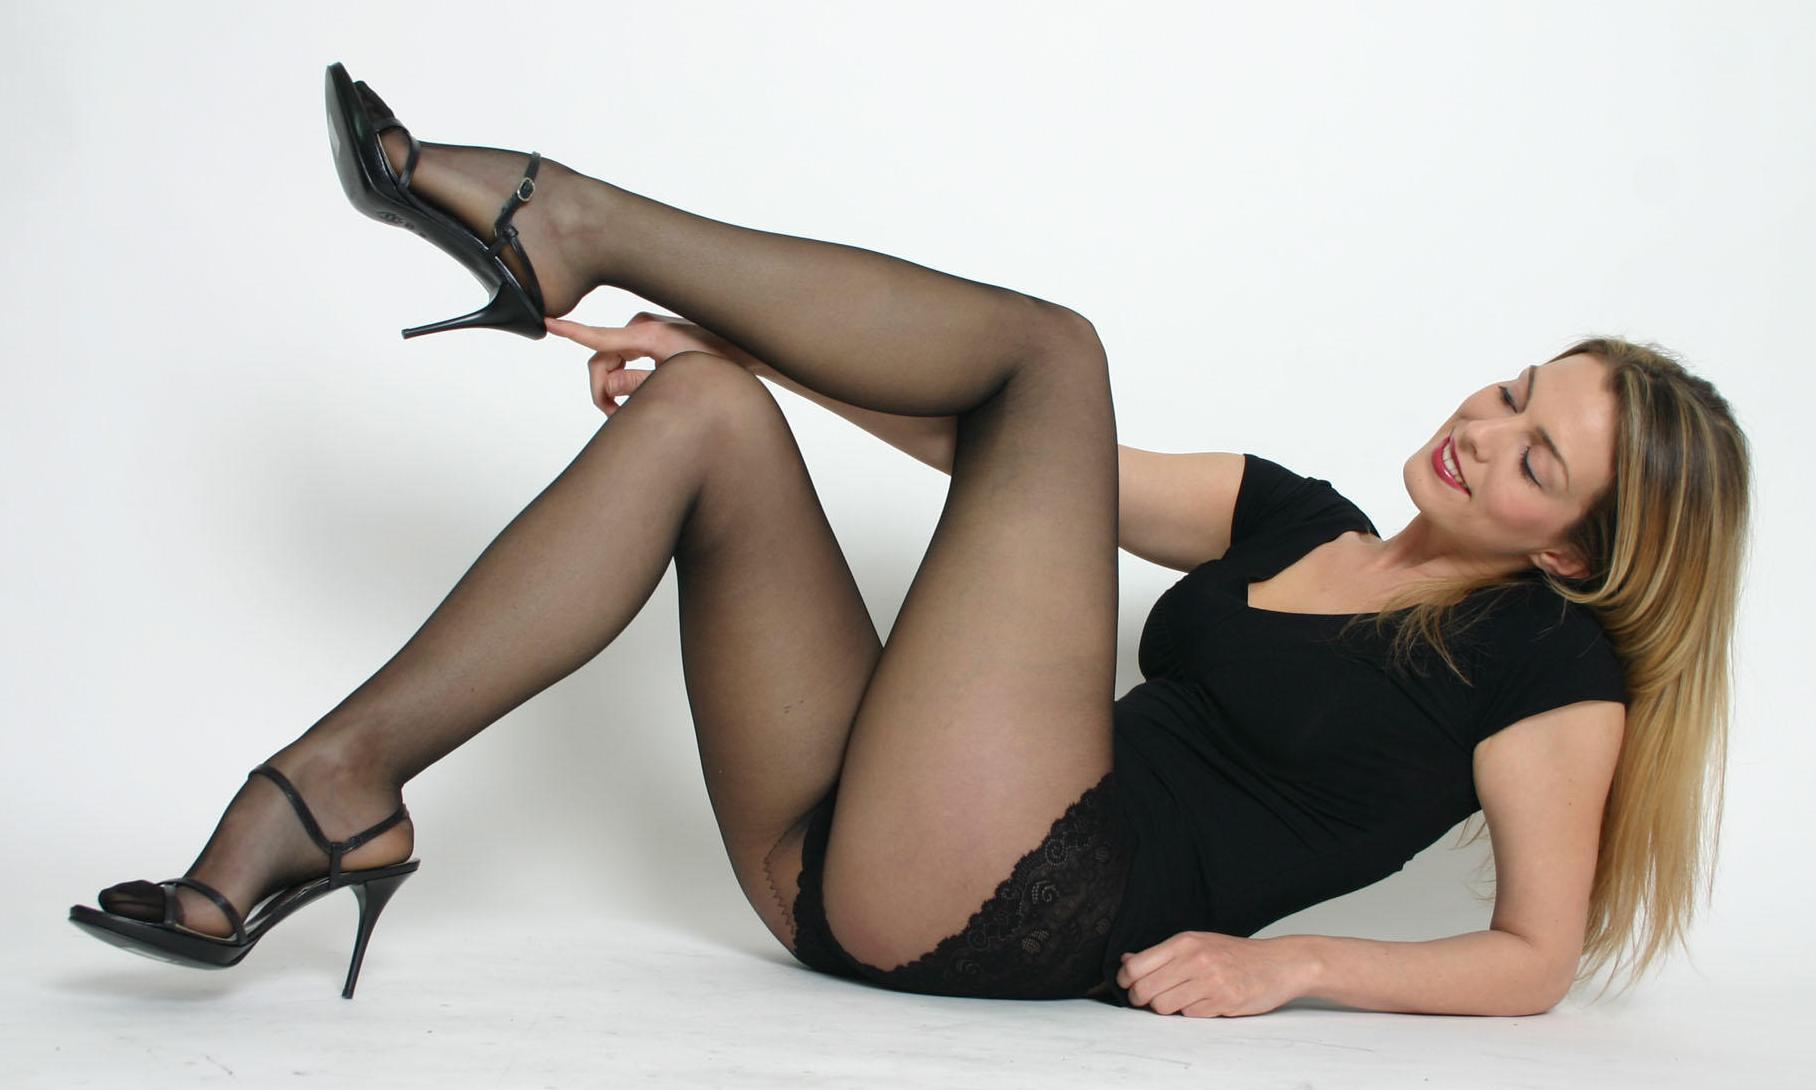 Сексуальные девушки в колготках смотреть онлайн 8 фотография